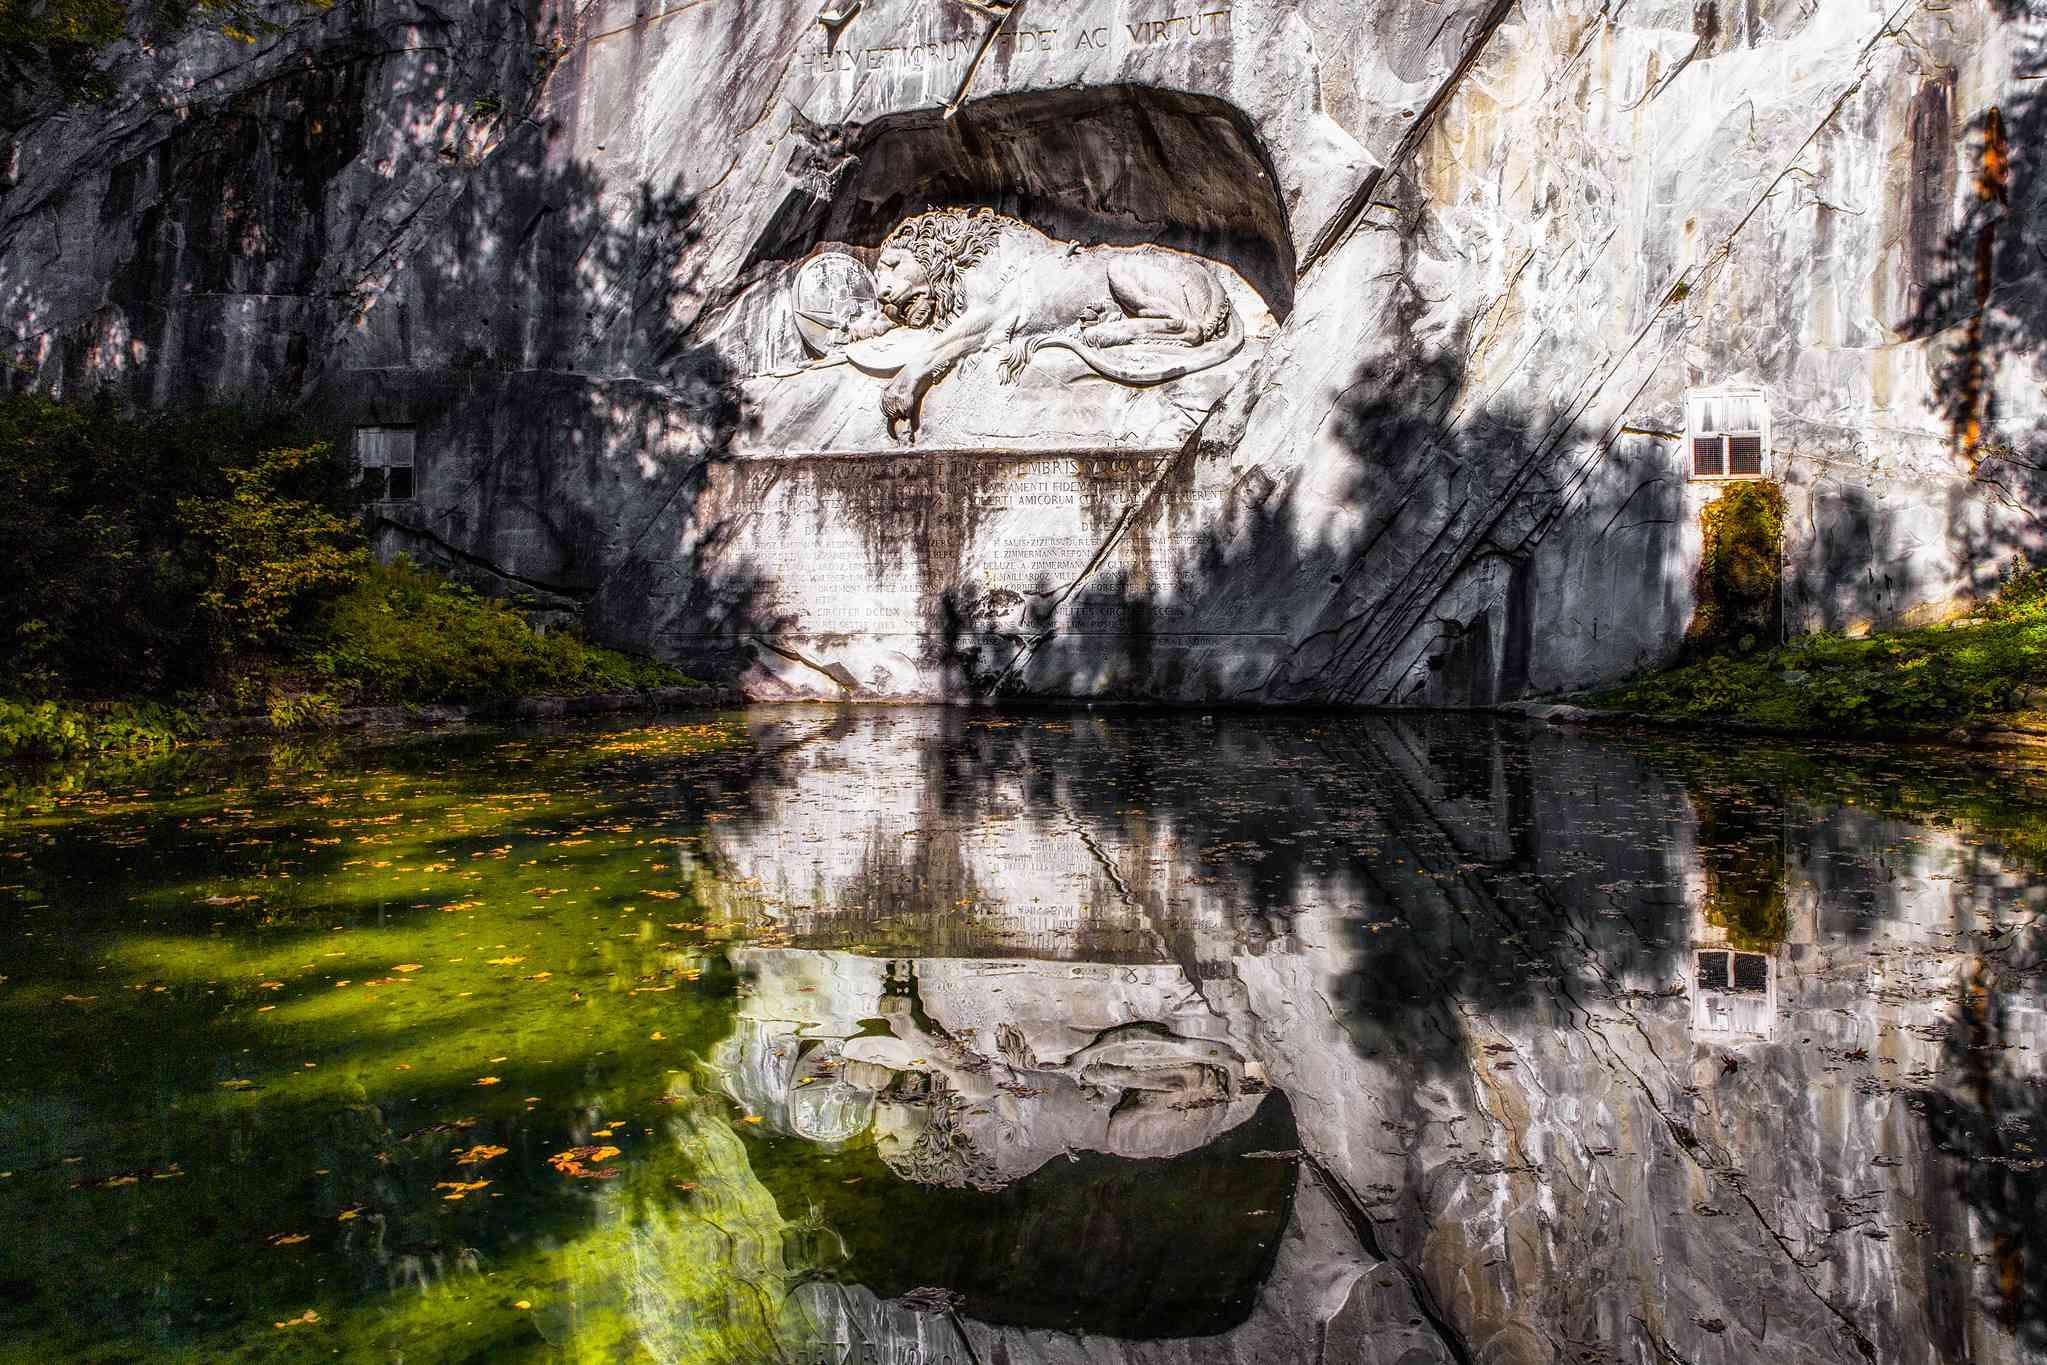 Löwenmonument im Kanton Luzern, Schweiz.